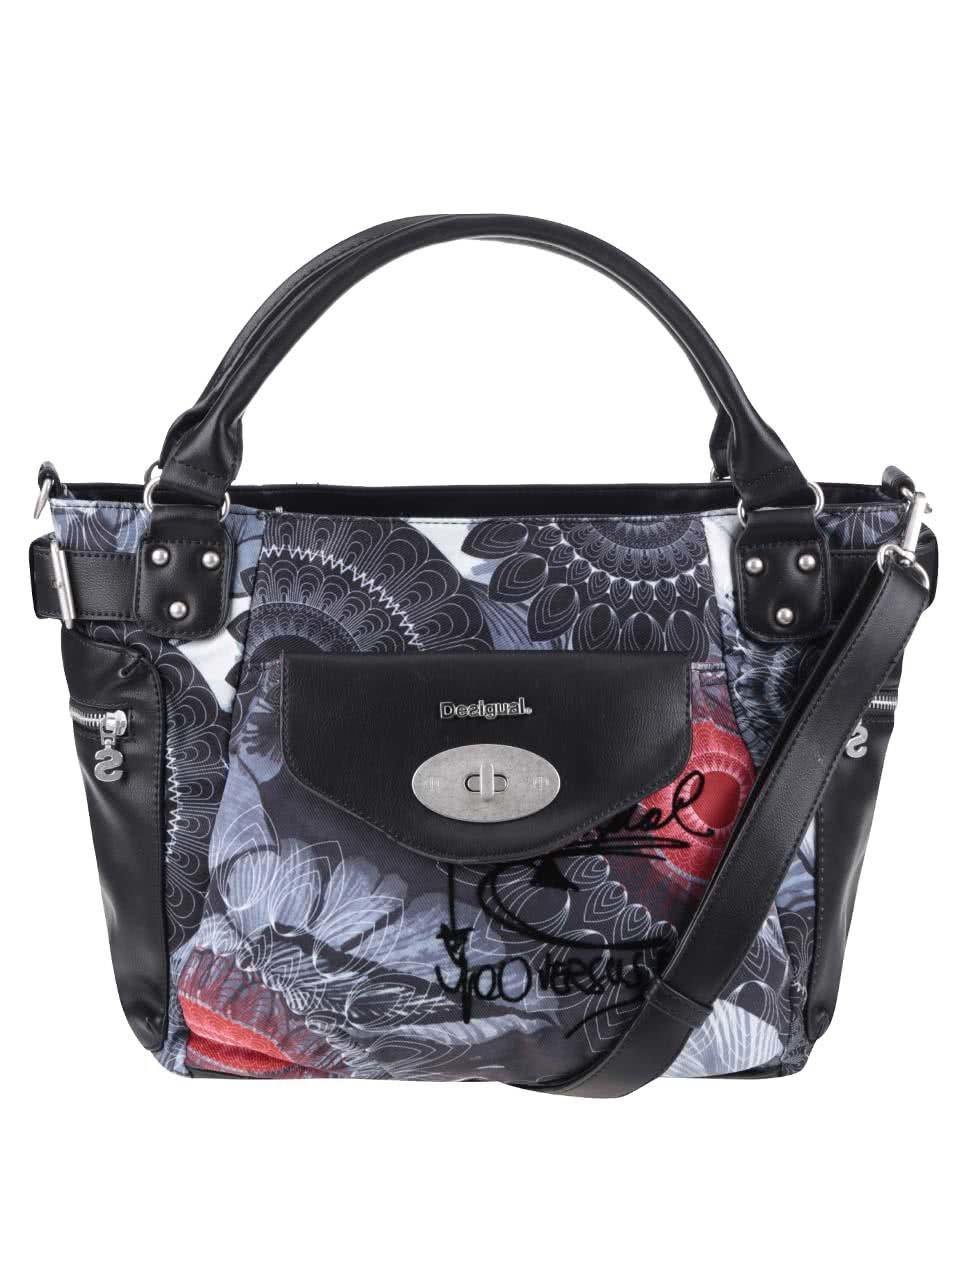 Černá kabelka s šedými vzory Desigual McBee Same